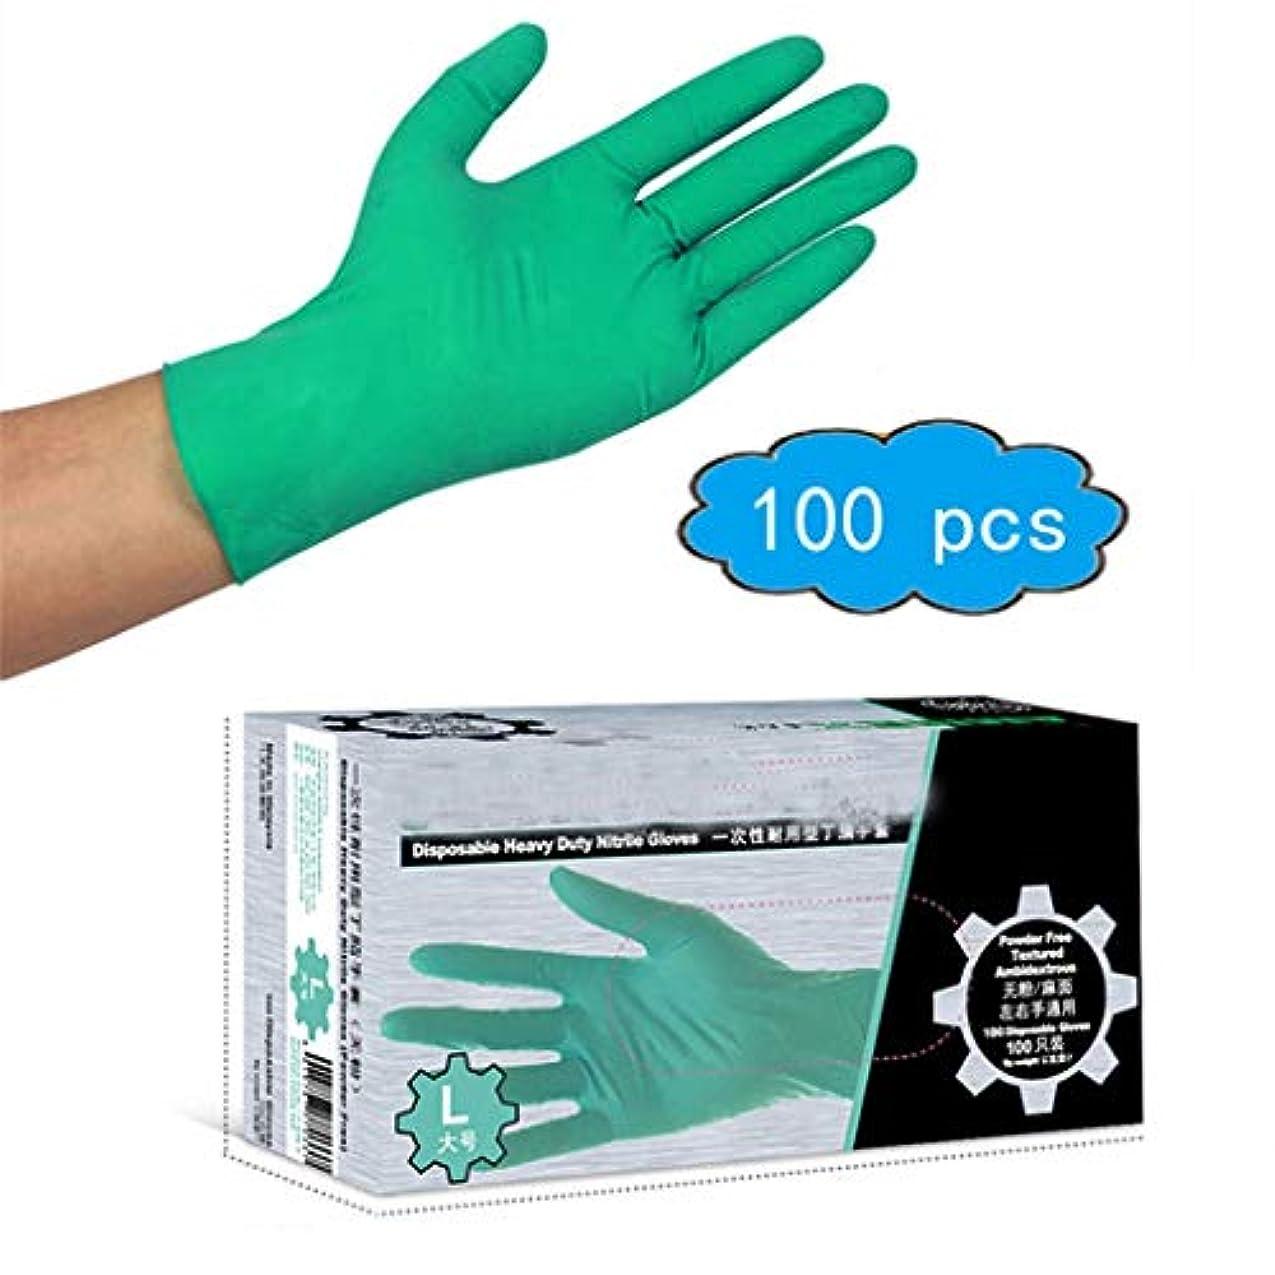 使い捨てニトリル手袋、100箱、厚くて耐久性のある、緑、ニトリル研究所、耐油性、酸およびアルカリ、食品用手袋 (Color : Green, Size : L)